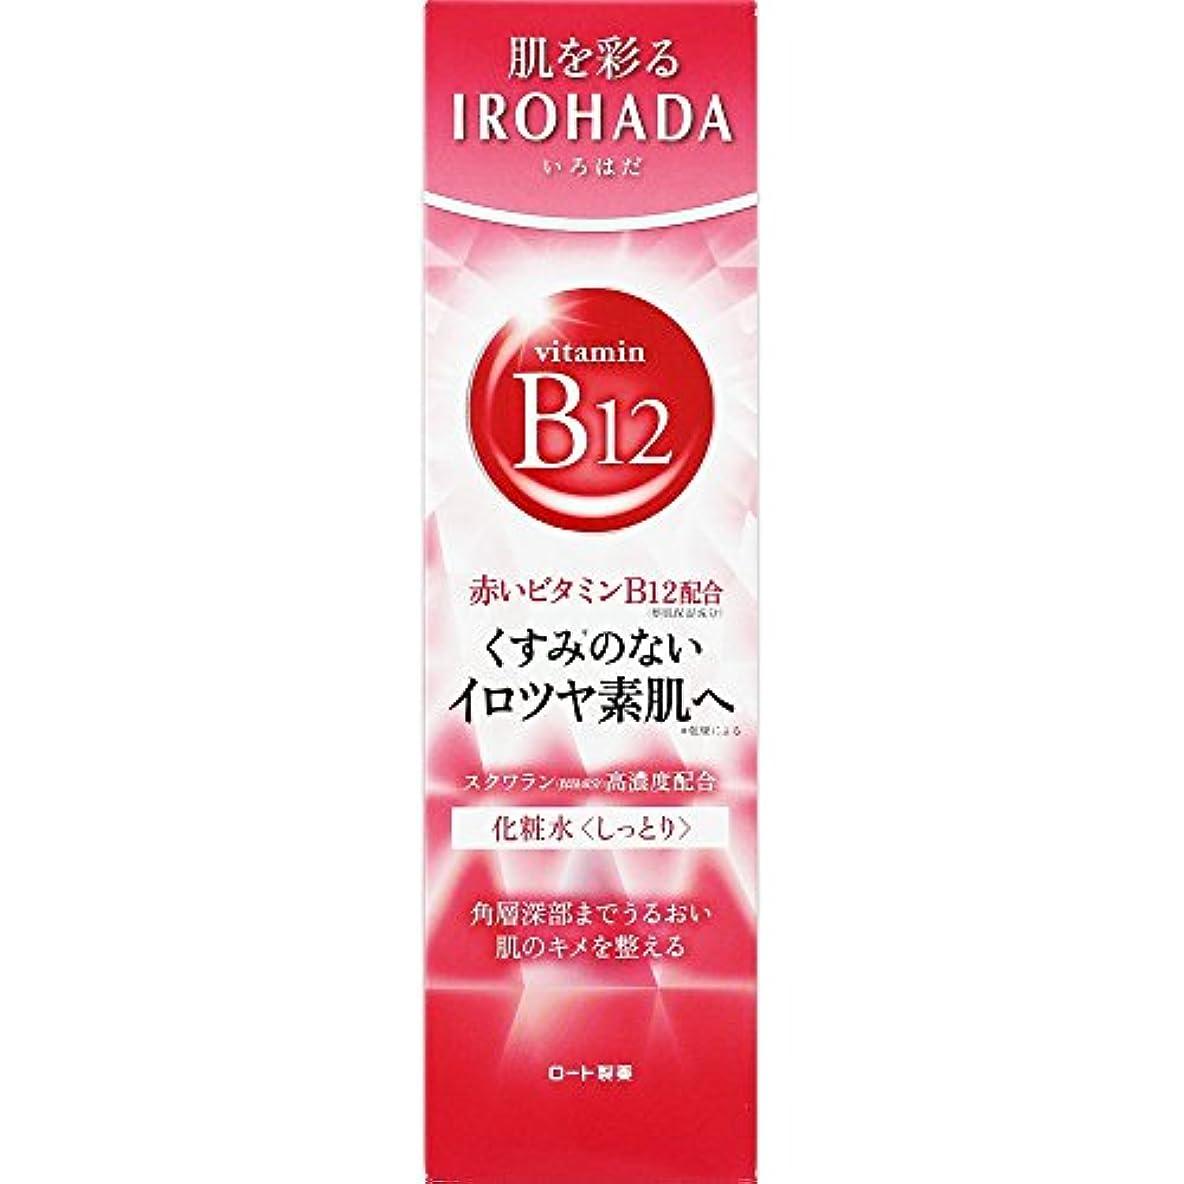 変換激怒逃すロート製薬 いろはだ (IROHADA) 赤いビタミンB12×スクワラン配合 化粧水しっとり 160ml